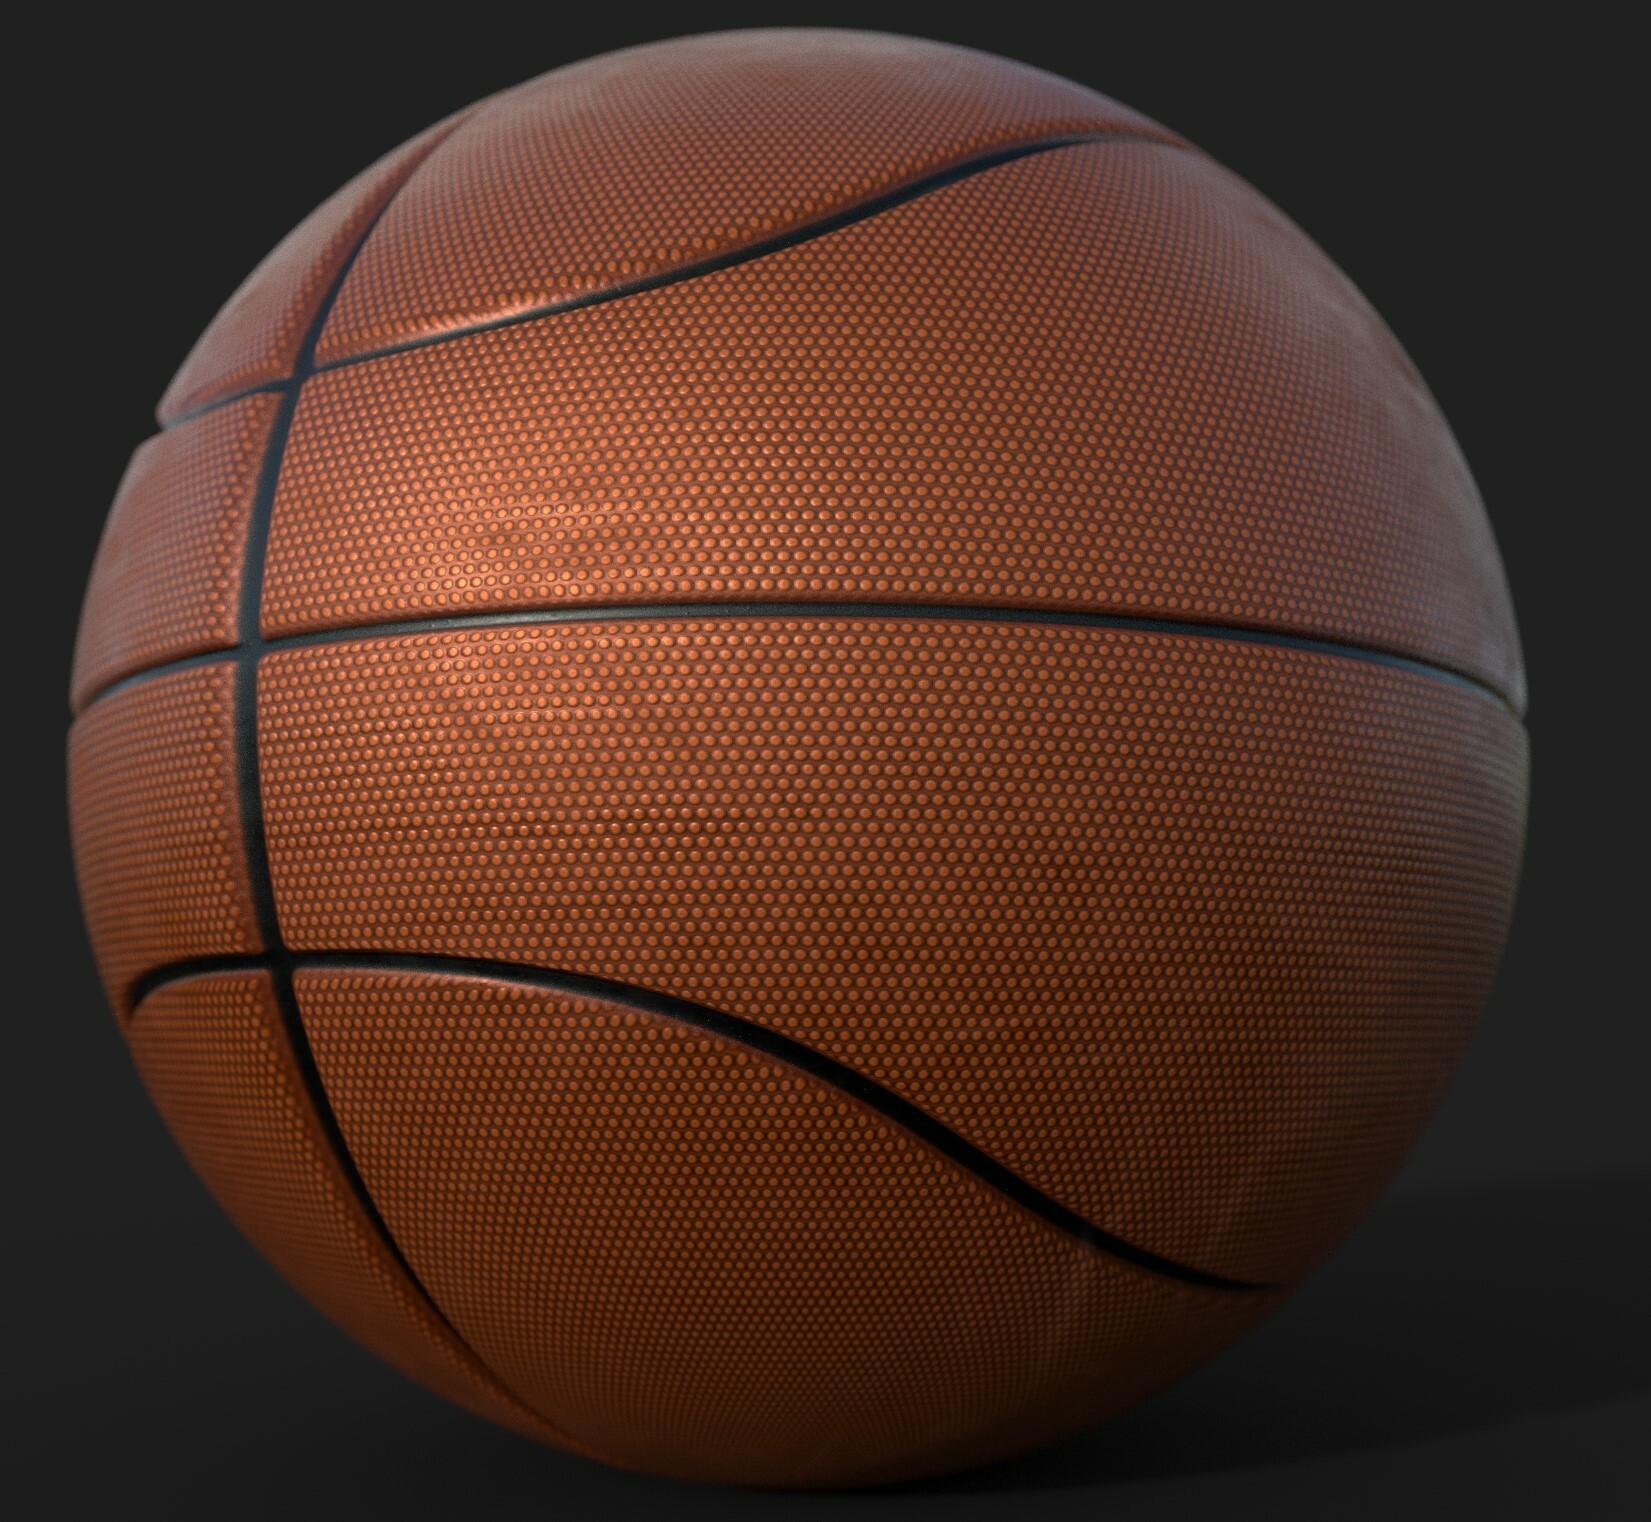 Marcelo souza basketball 01 05 a